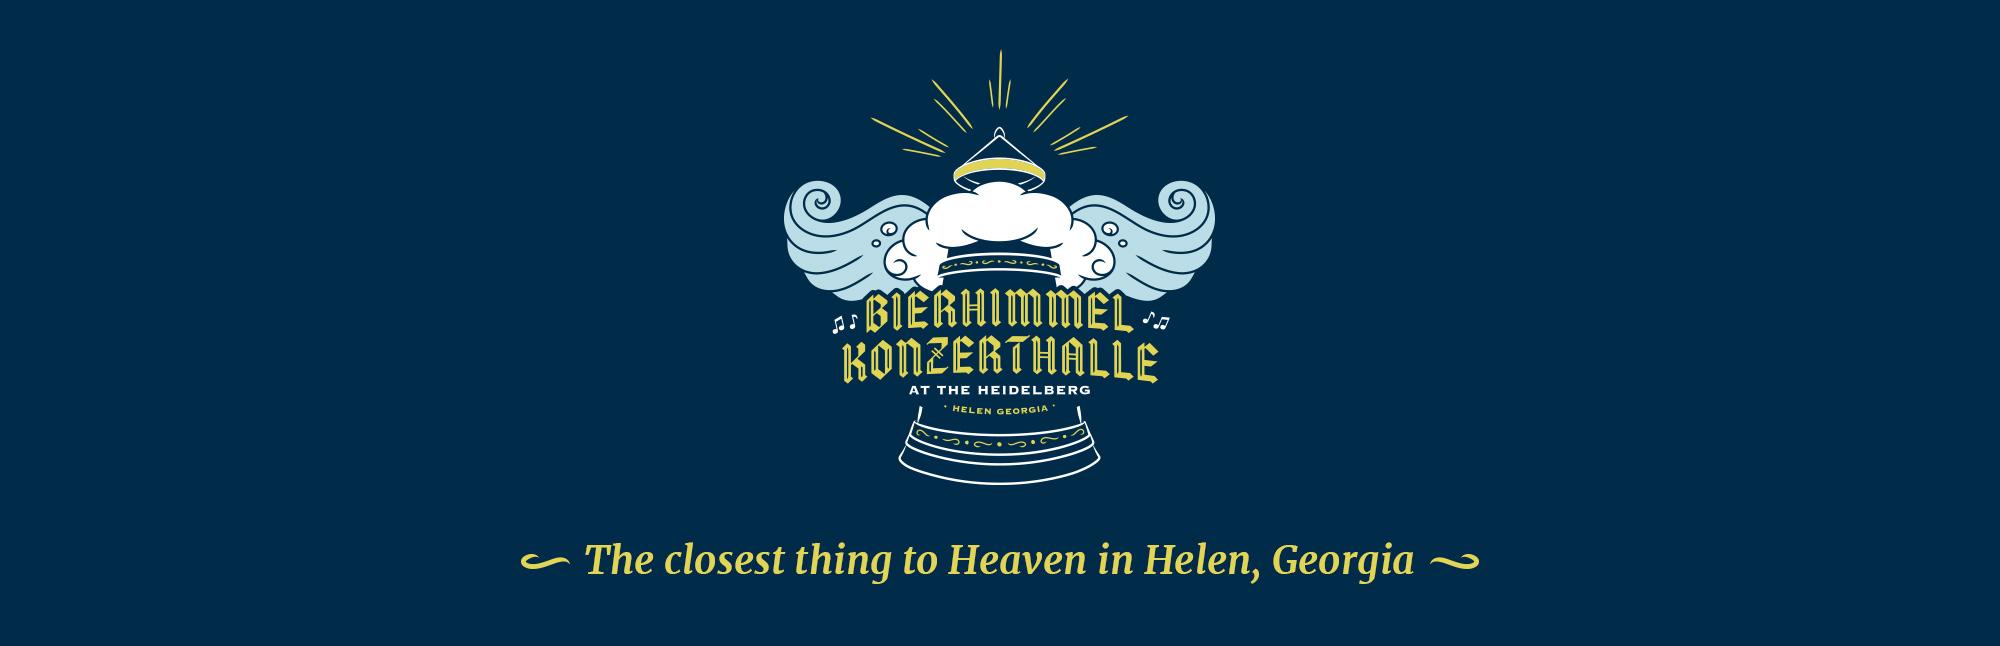 Heidelberg_Bierhimmel_Konzerthalle_Entertainment_Events_Booking.jpg